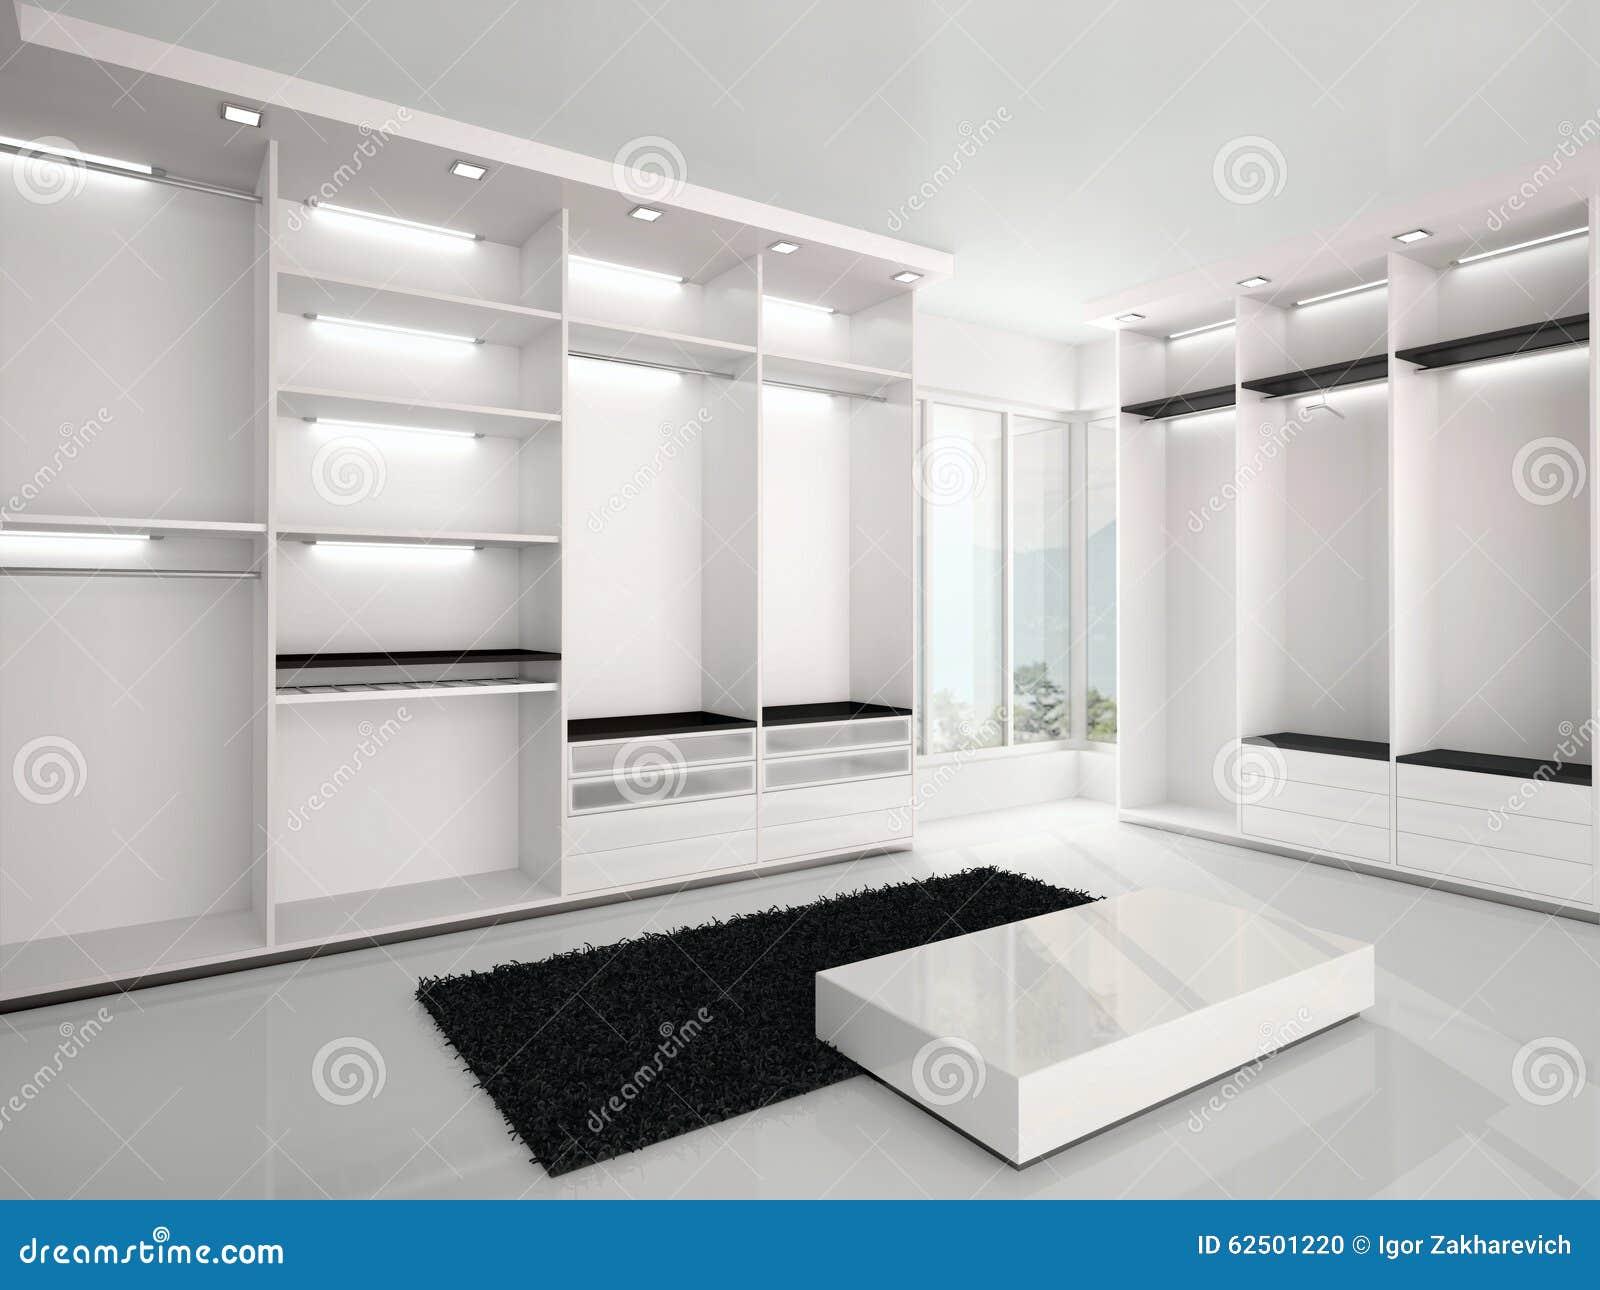 Illustratie van luxueuze witte garderobe in een moderne stijl stock illustratie afbeelding - Garderobe stijl van lodewijk xv ...